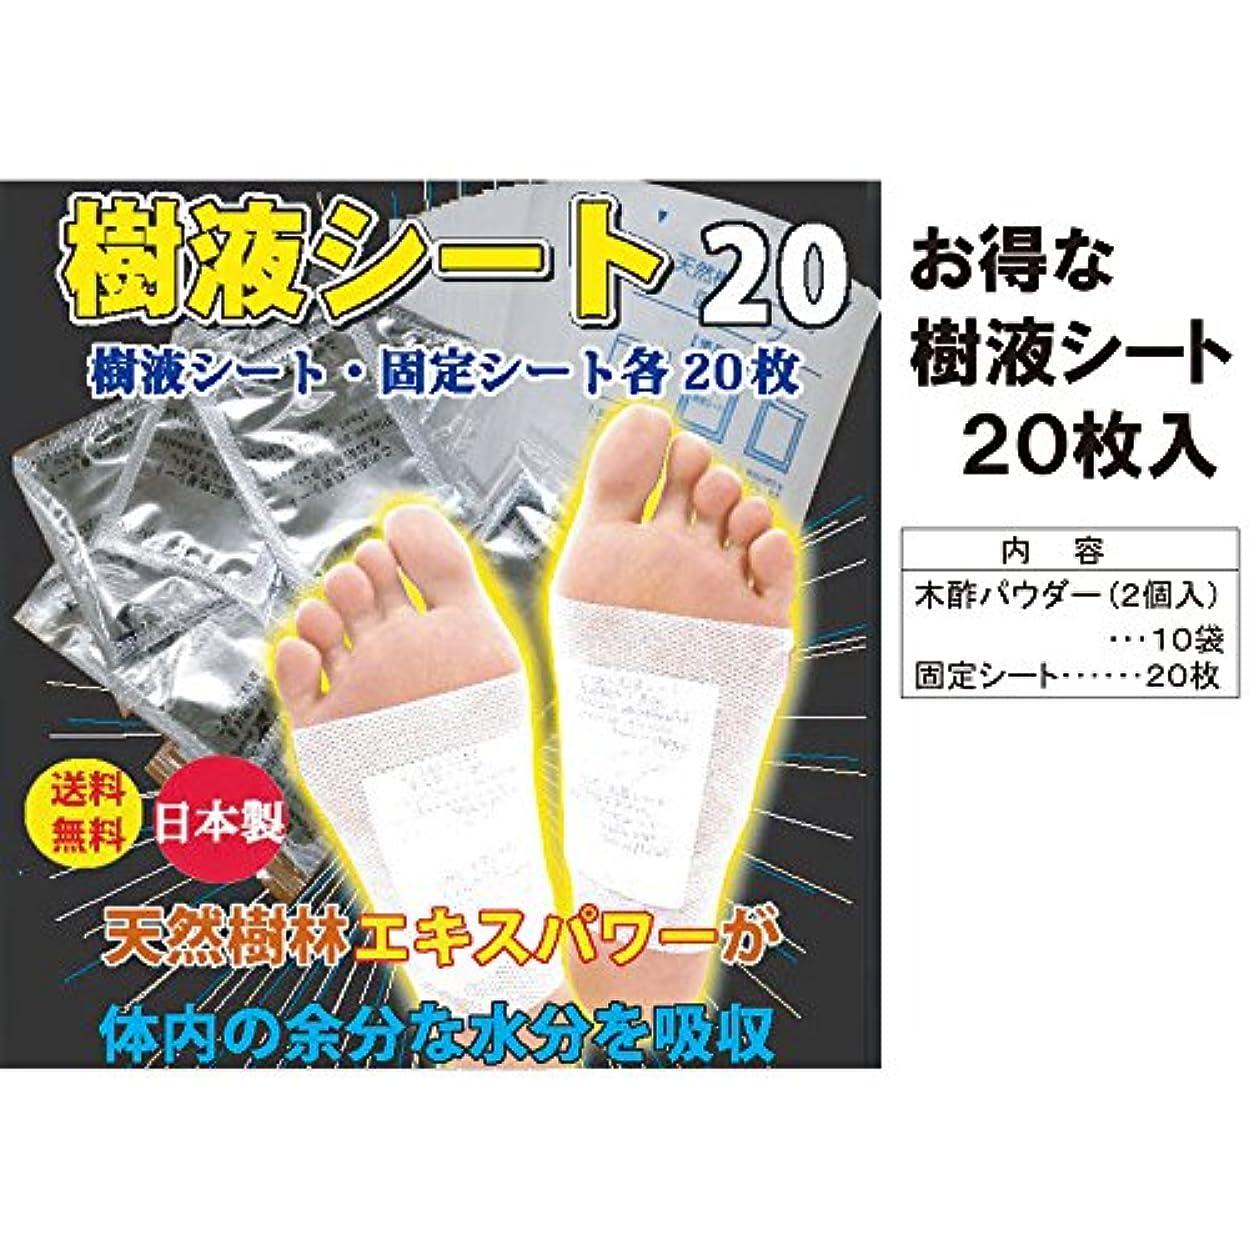 不調和確かにモッキンバードM&Sジャパン 日本製 足裏樹液シート 20枚 足裏 シート デトックス お徳用 健康 グッズ 足ツボ